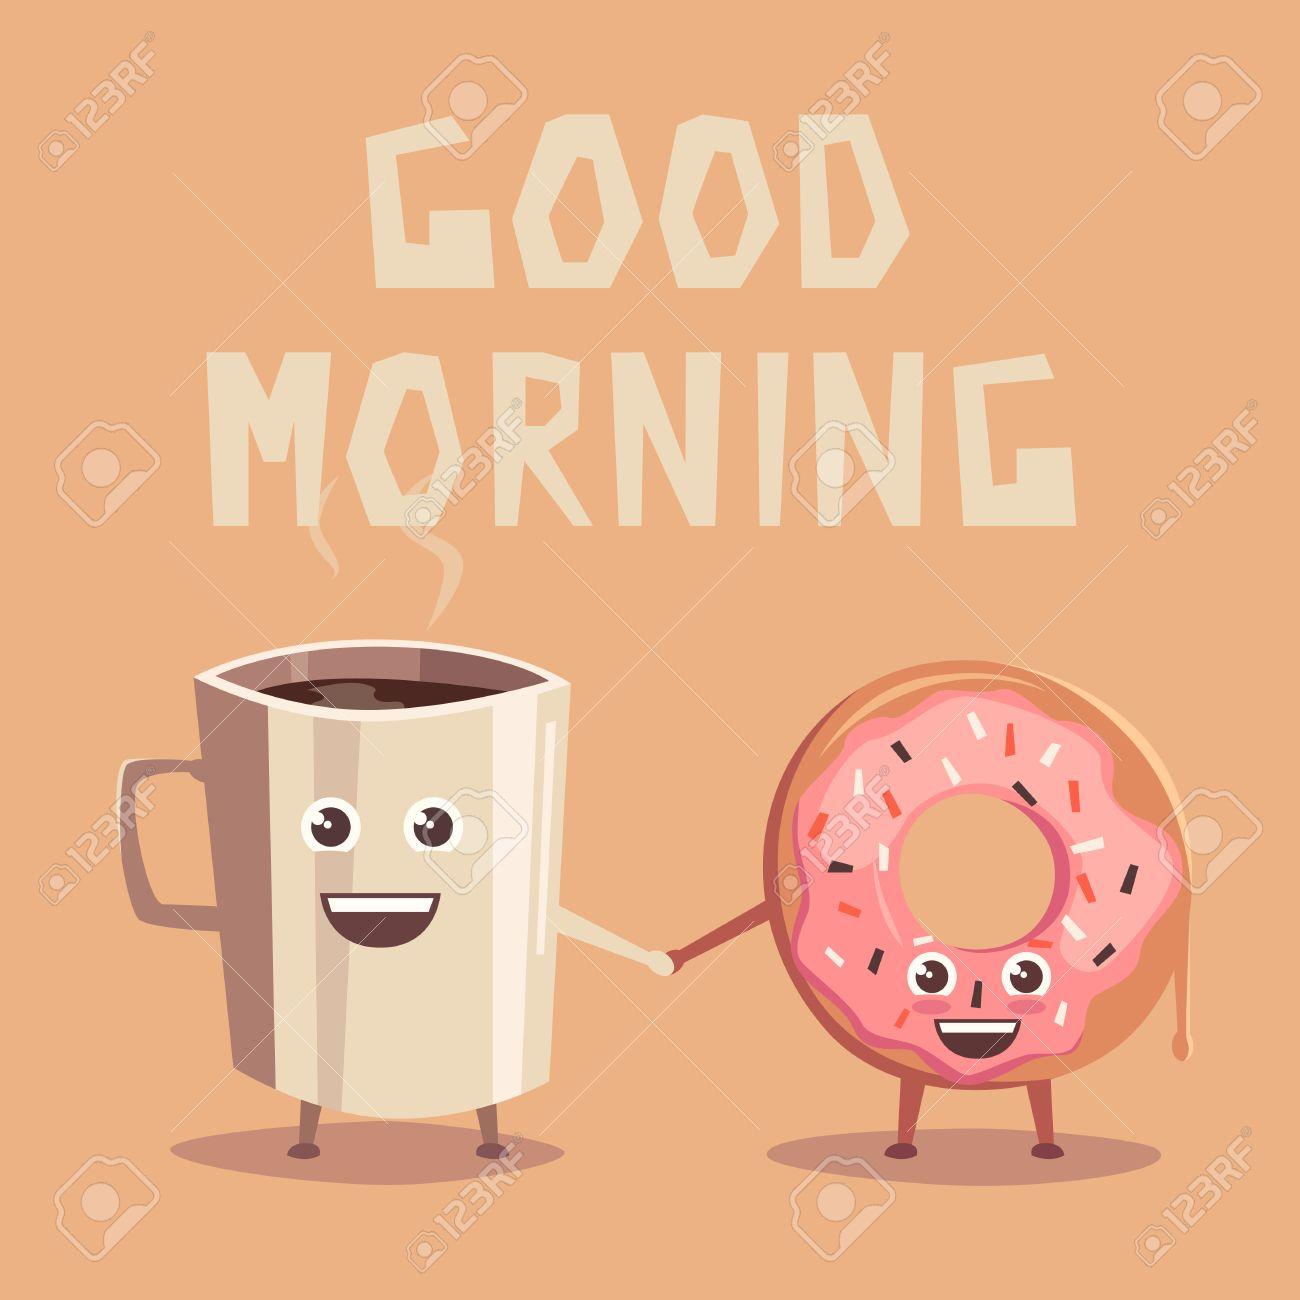 Guten Morgen Süsse Guten Morgen Sprüche Aufwachen